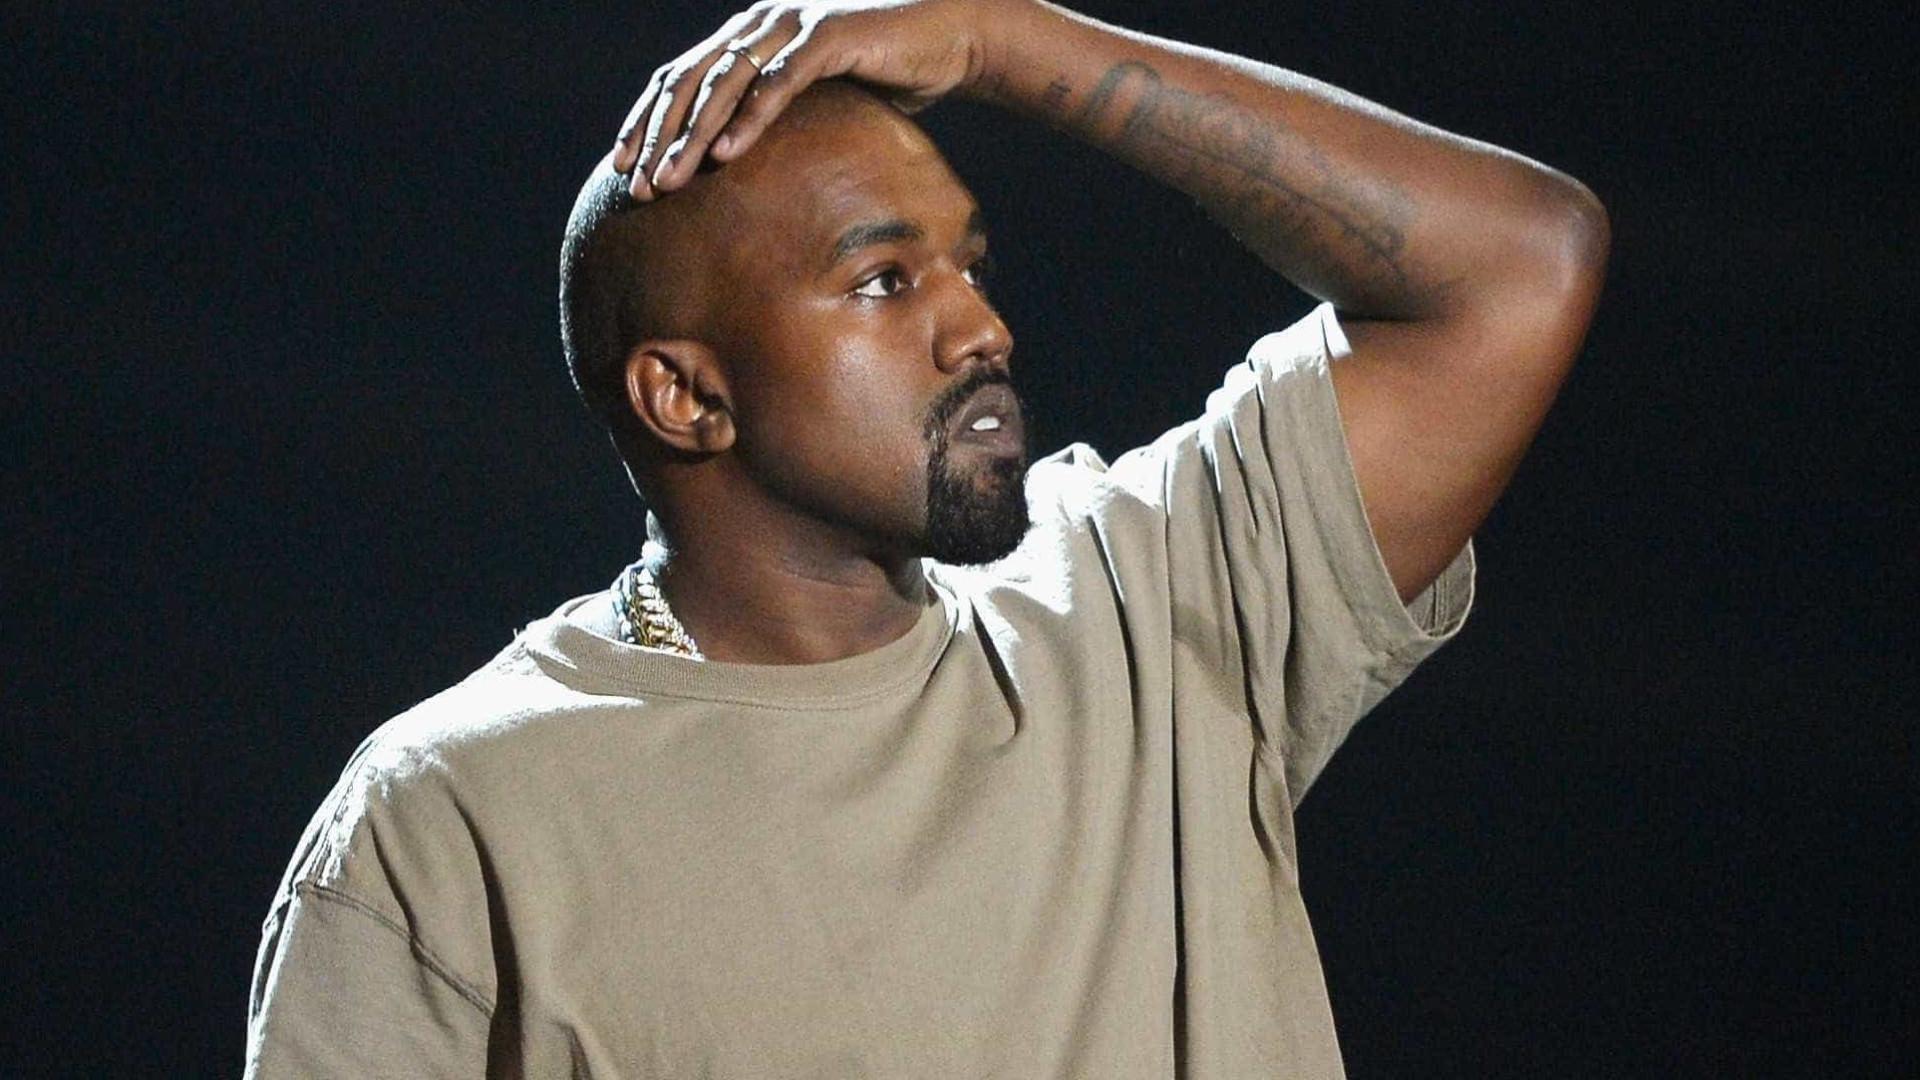 Kanye West incontactável: Rapper revela que deixou de usar o telemóvel